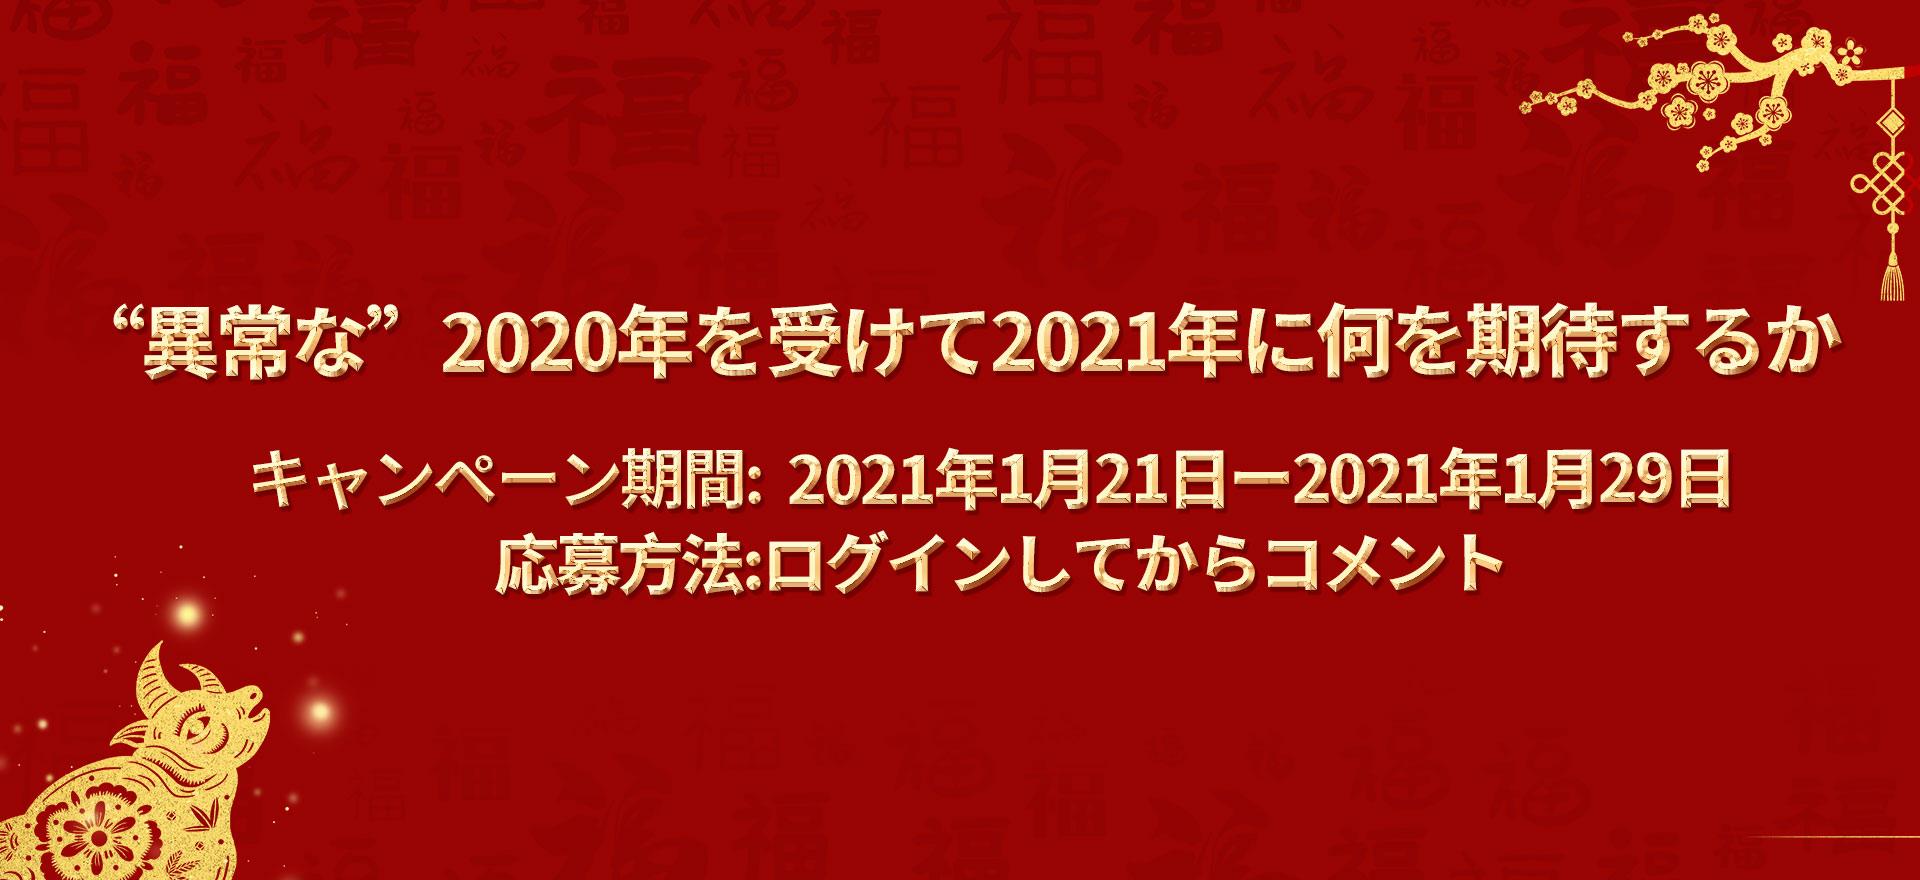 """""""異常な""""2020年を受けて2021年に何を期待するか"""